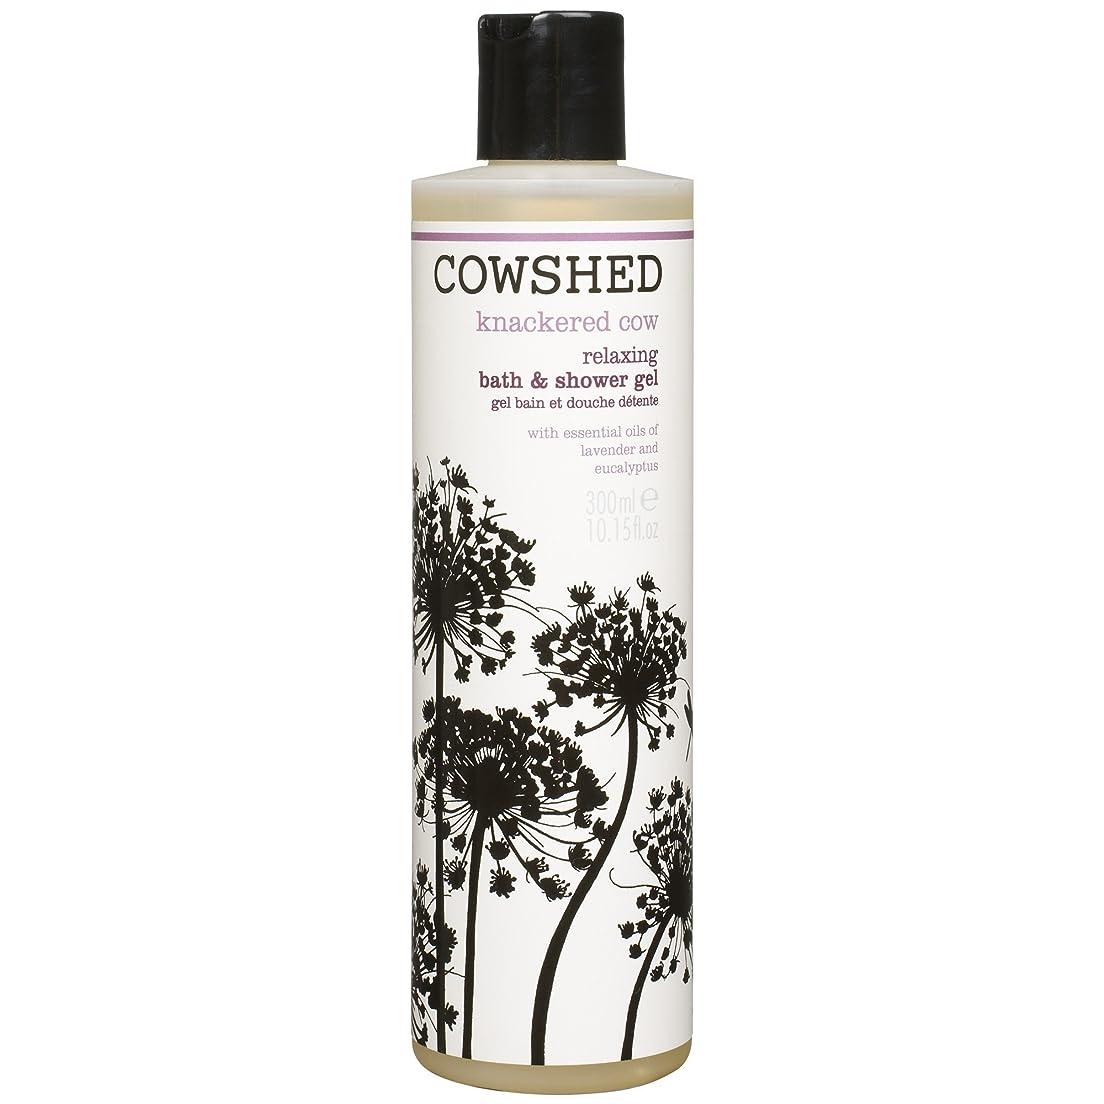 迅速年齢頭痛牛舎は、バス&シャワージェル300ミリリットルを緩和牛をくたくたに疲れました (Cowshed) - Cowshed Knackered Cow Relaxing Bath & Shower Gel 300ml [並行輸入品]